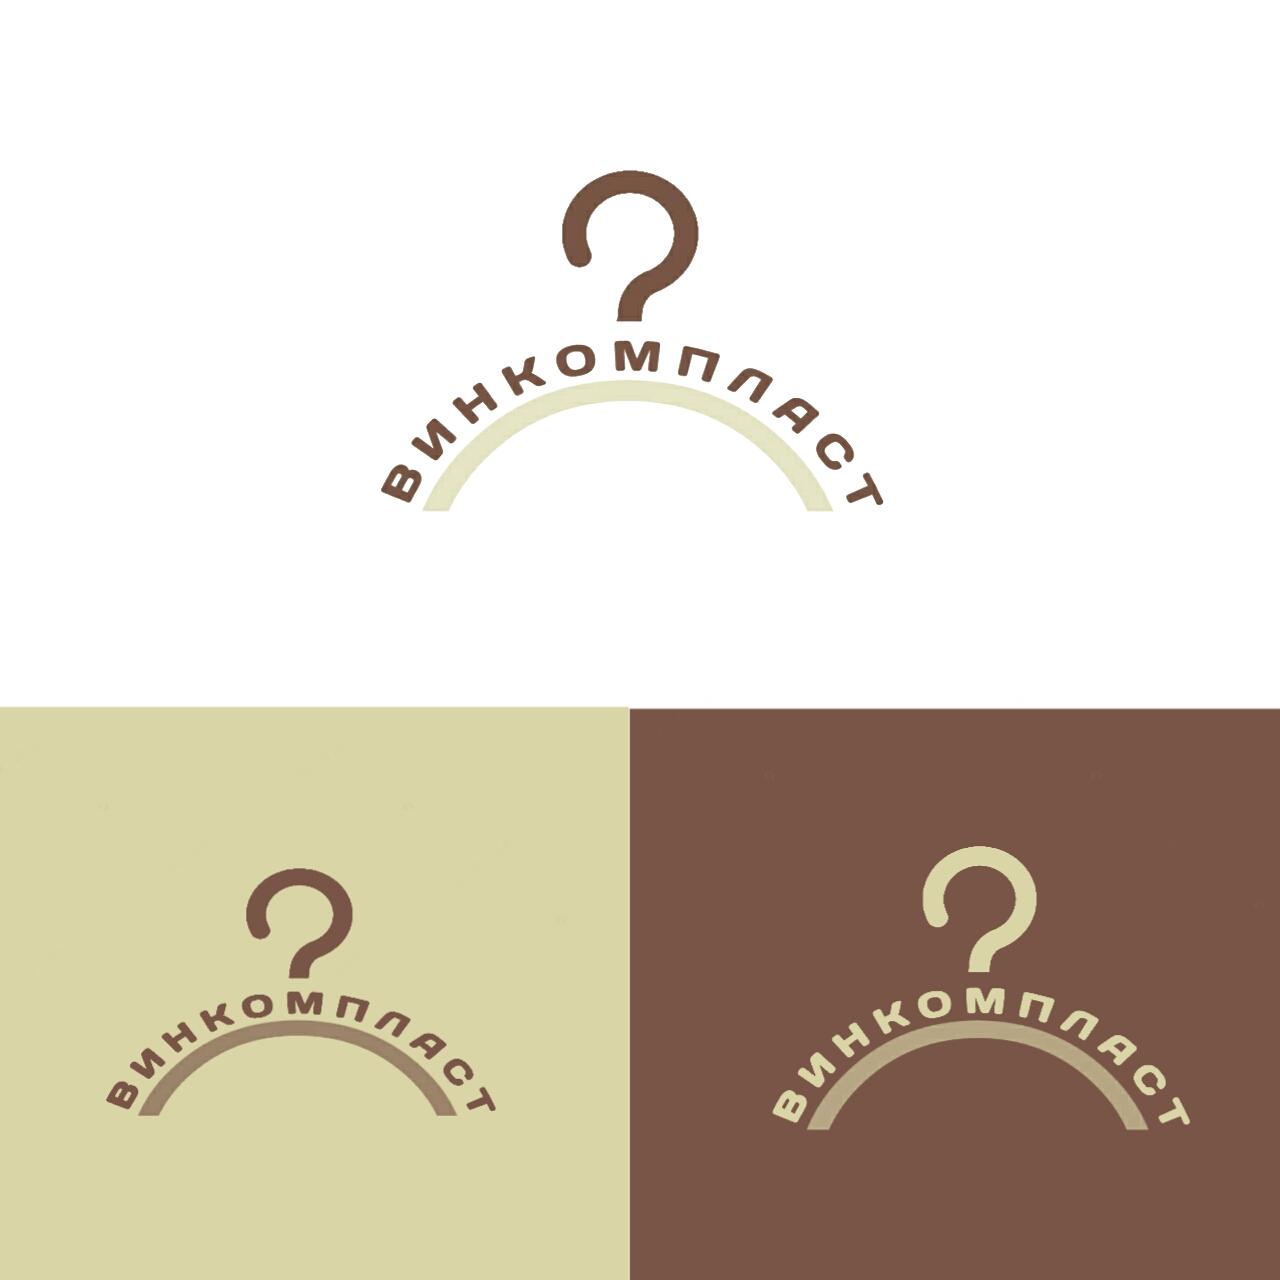 Логотип, фавикон и визитка для компании Винком Пласт  фото f_2235c3cb216bb6b8.jpg